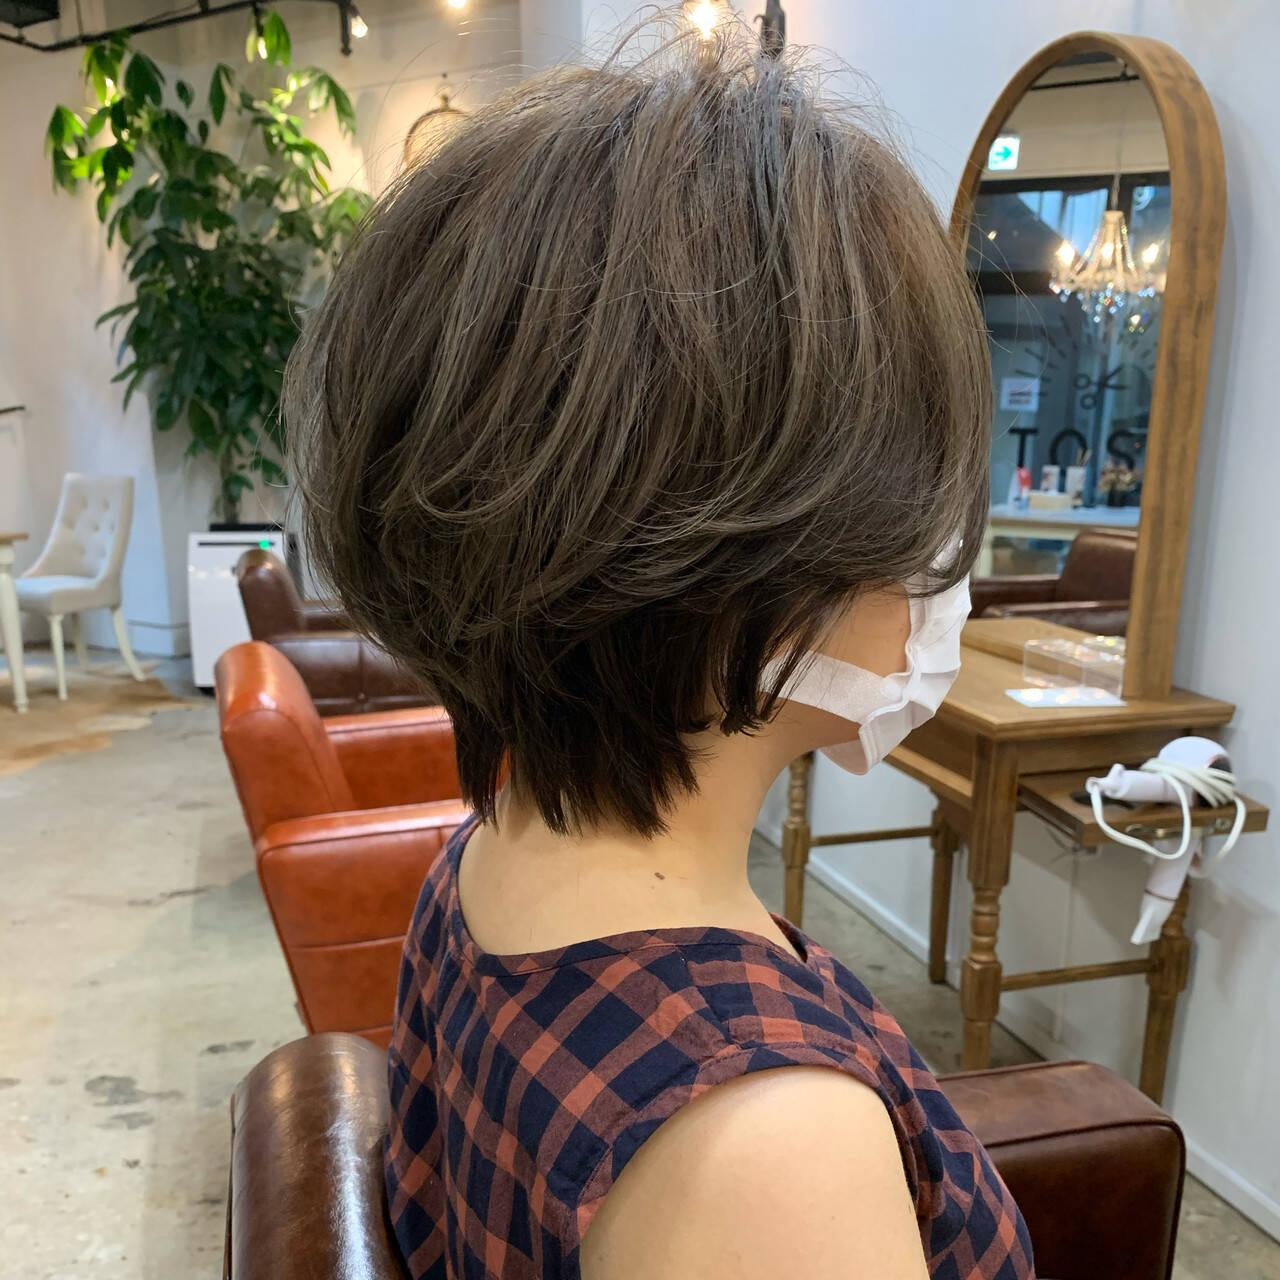 アウトドア アンニュイほつれヘア ショート ショートヘアヘアスタイルや髪型の写真・画像